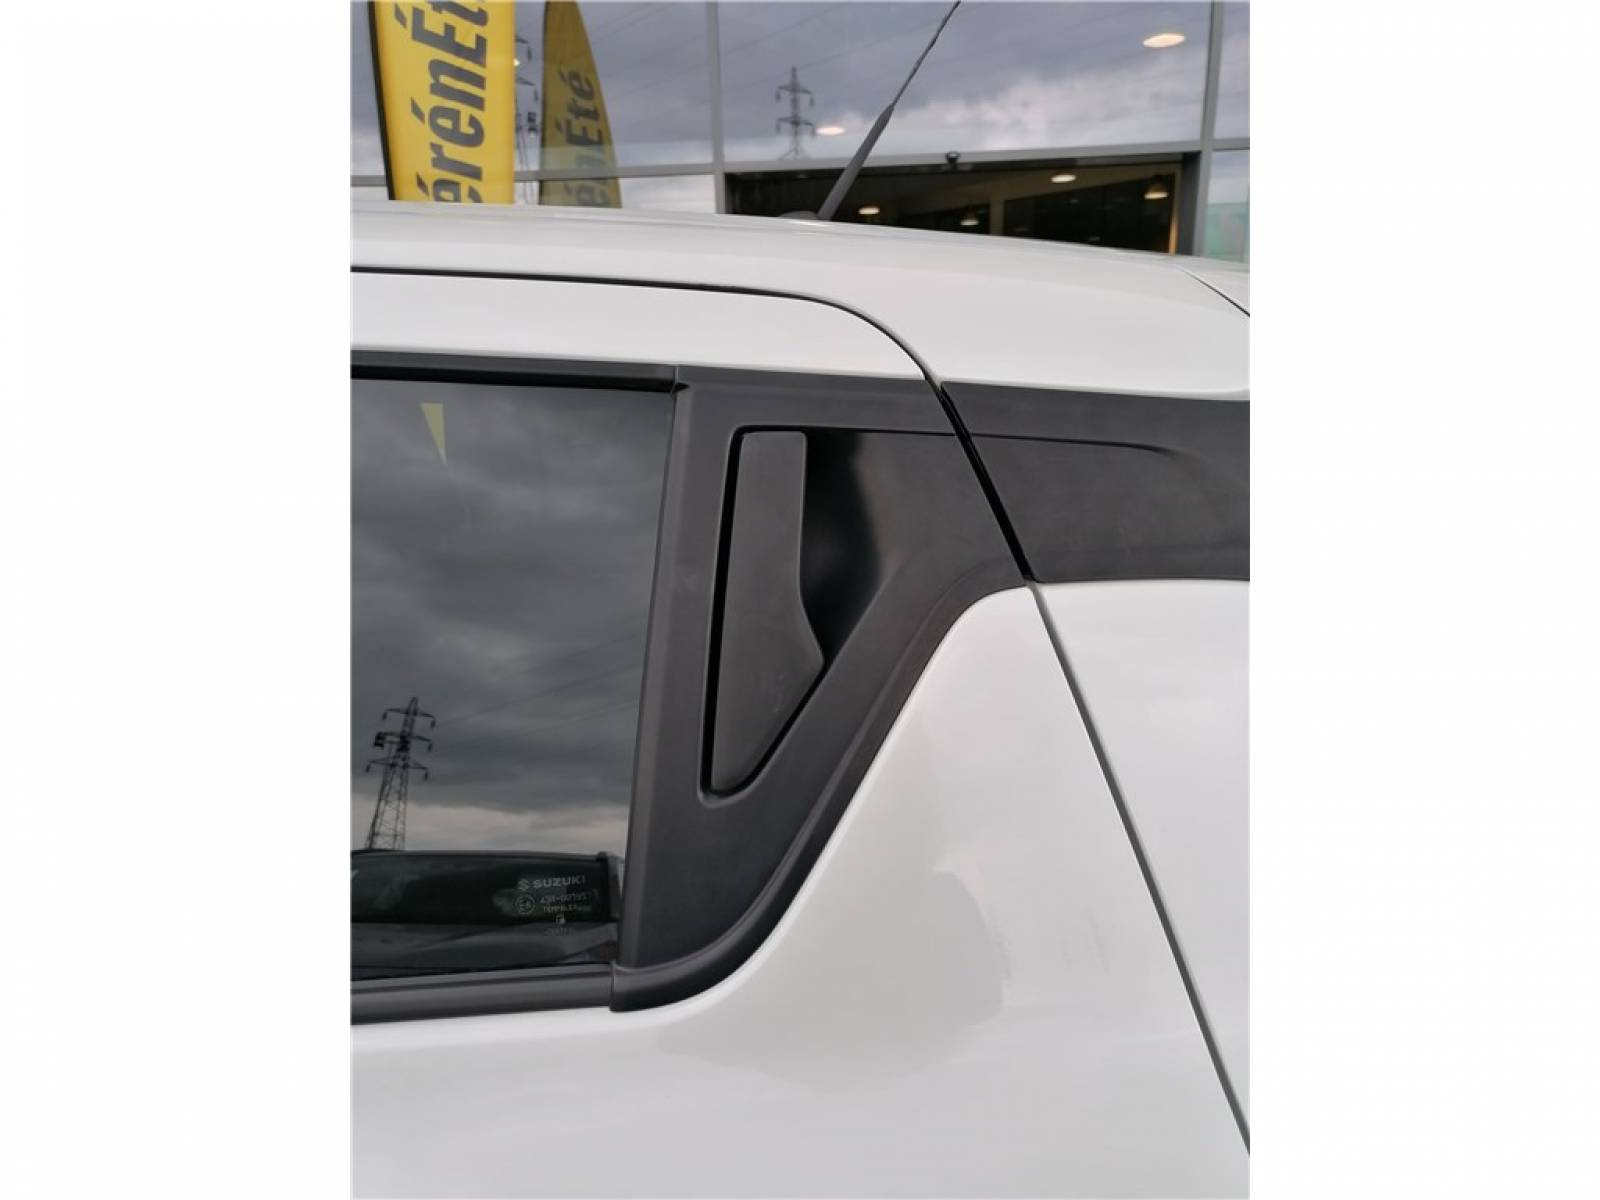 SUZUKI Swift 1.2 Dualjet Hybrid - véhicule d'occasion - Groupe Guillet - Hall de l'automobile - Chalon sur Saône - 71380 - Saint-Marcel - 9